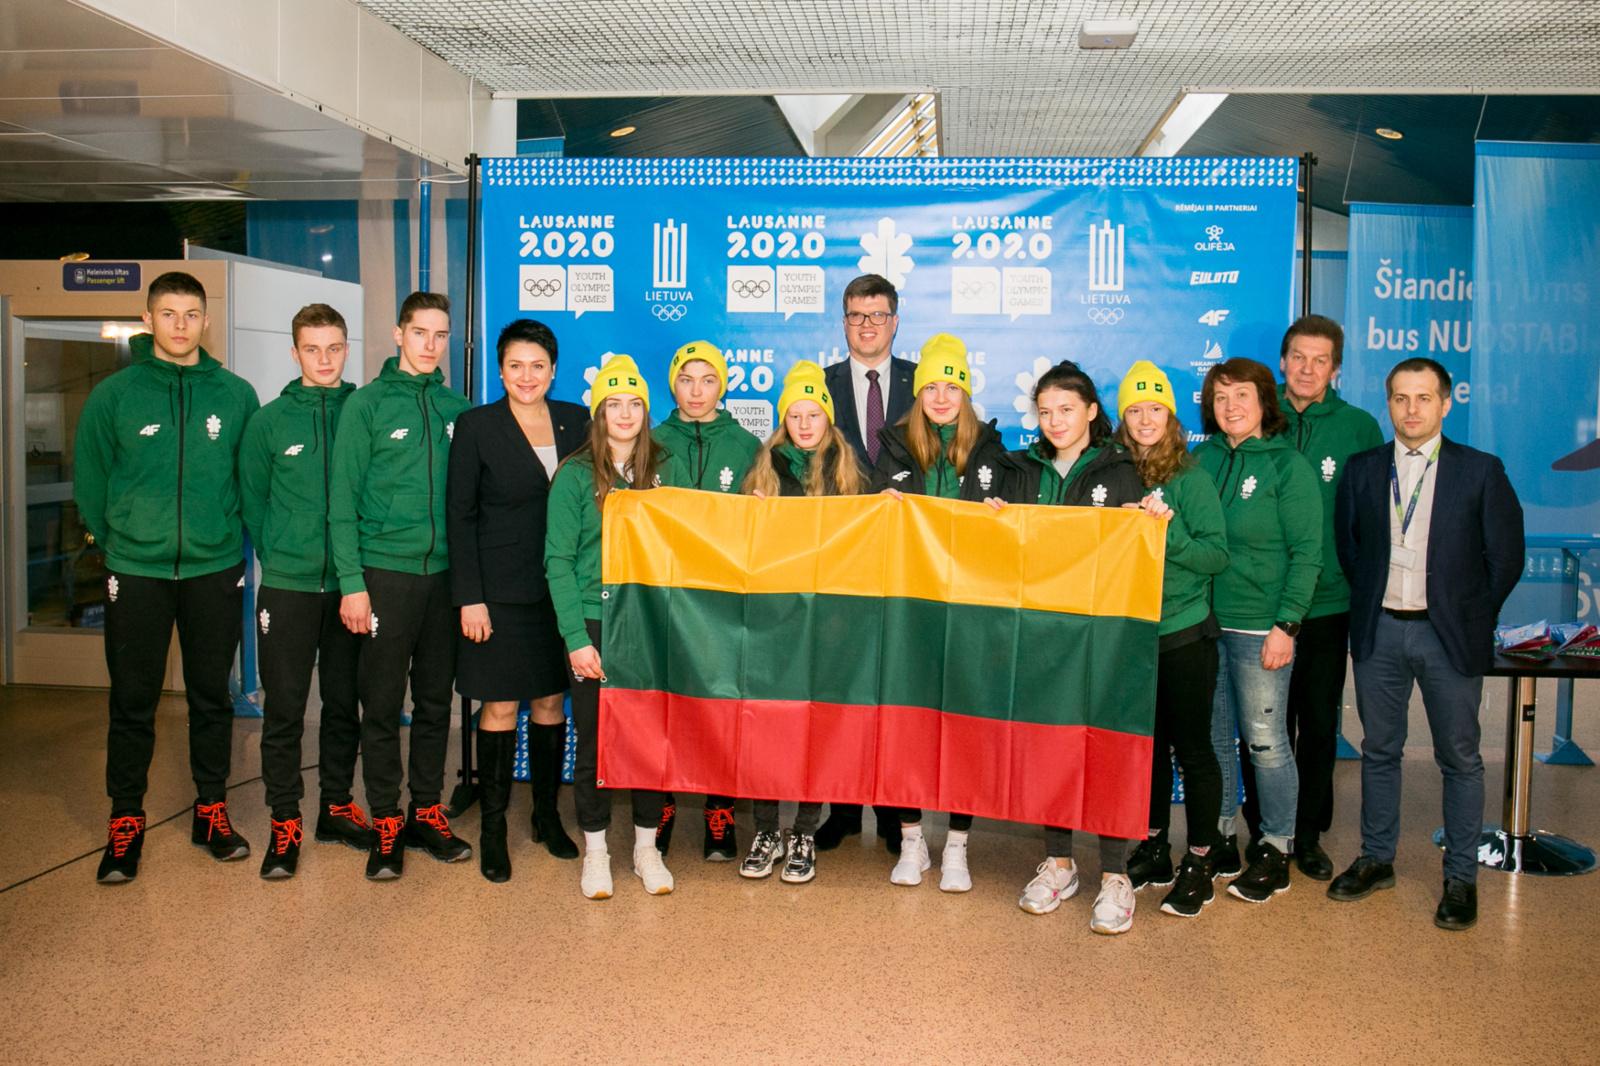 Ignalinos biatlonininkai dalyvavo Jaunimo žiemos olimpinės žaidynėse ir Pasaulio jaunimo čempionate